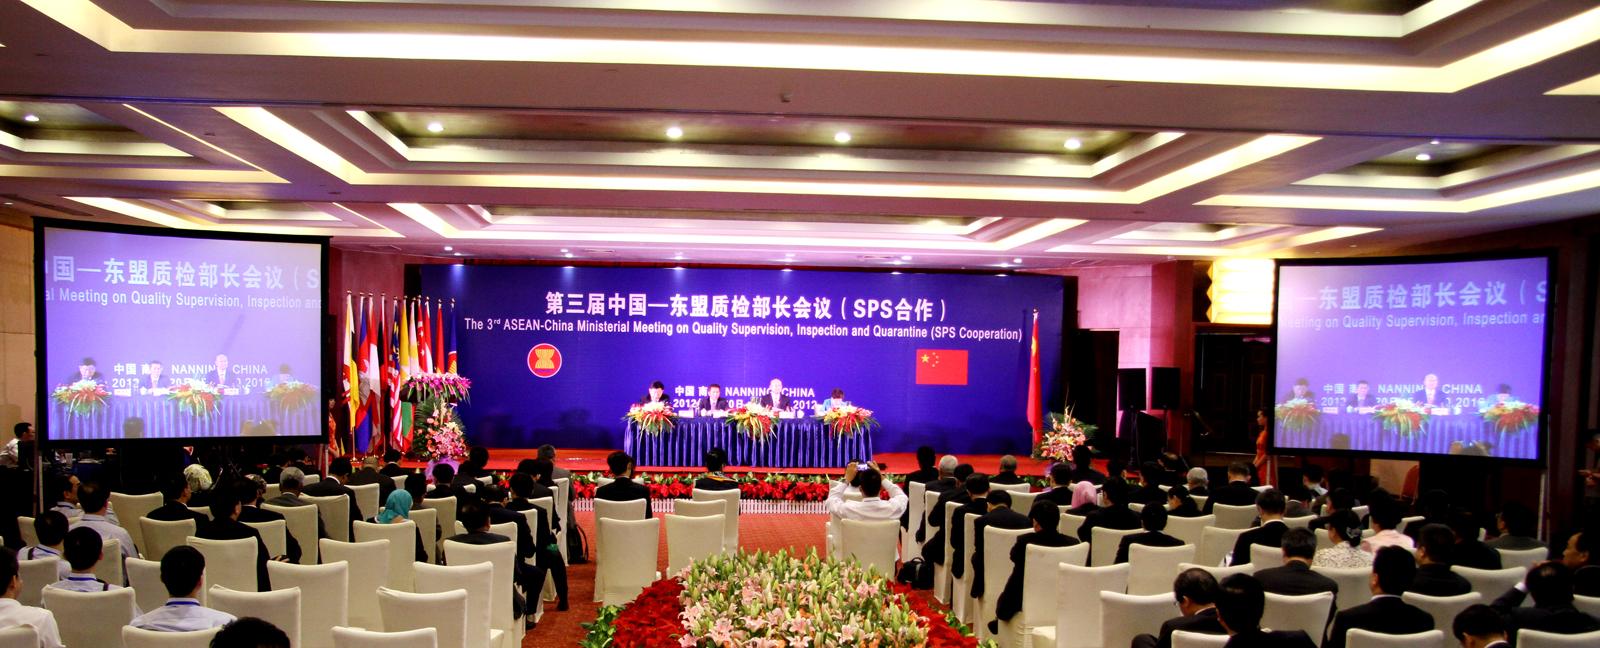 第三届中国-东盟质检部长会议在南宁举行